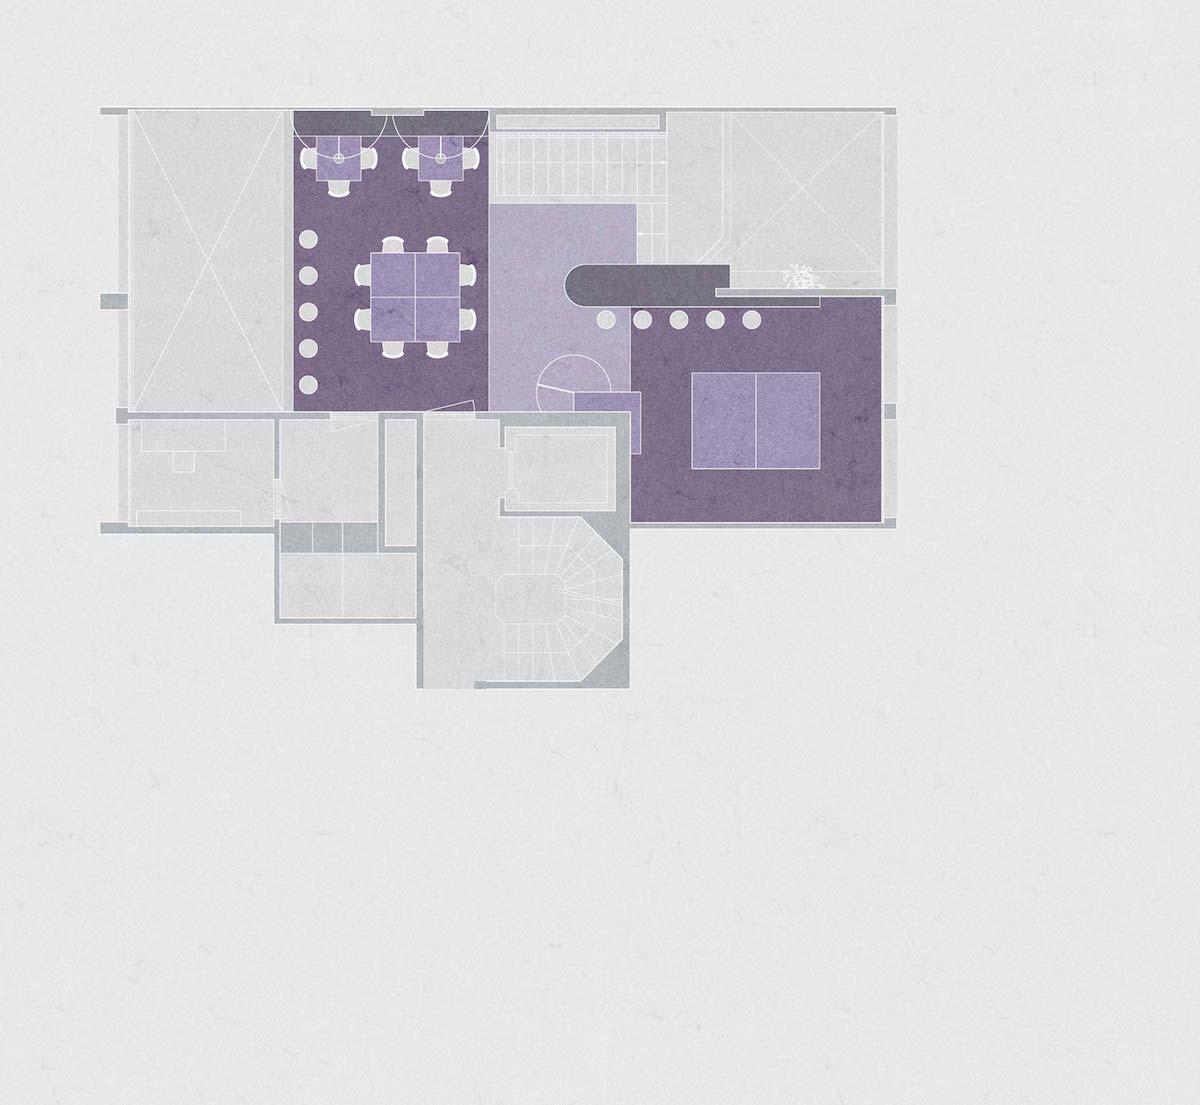 Die Galerieplätze im Obergeschoss dienen insbesondere den Tabletop- und den Strategiespielen.